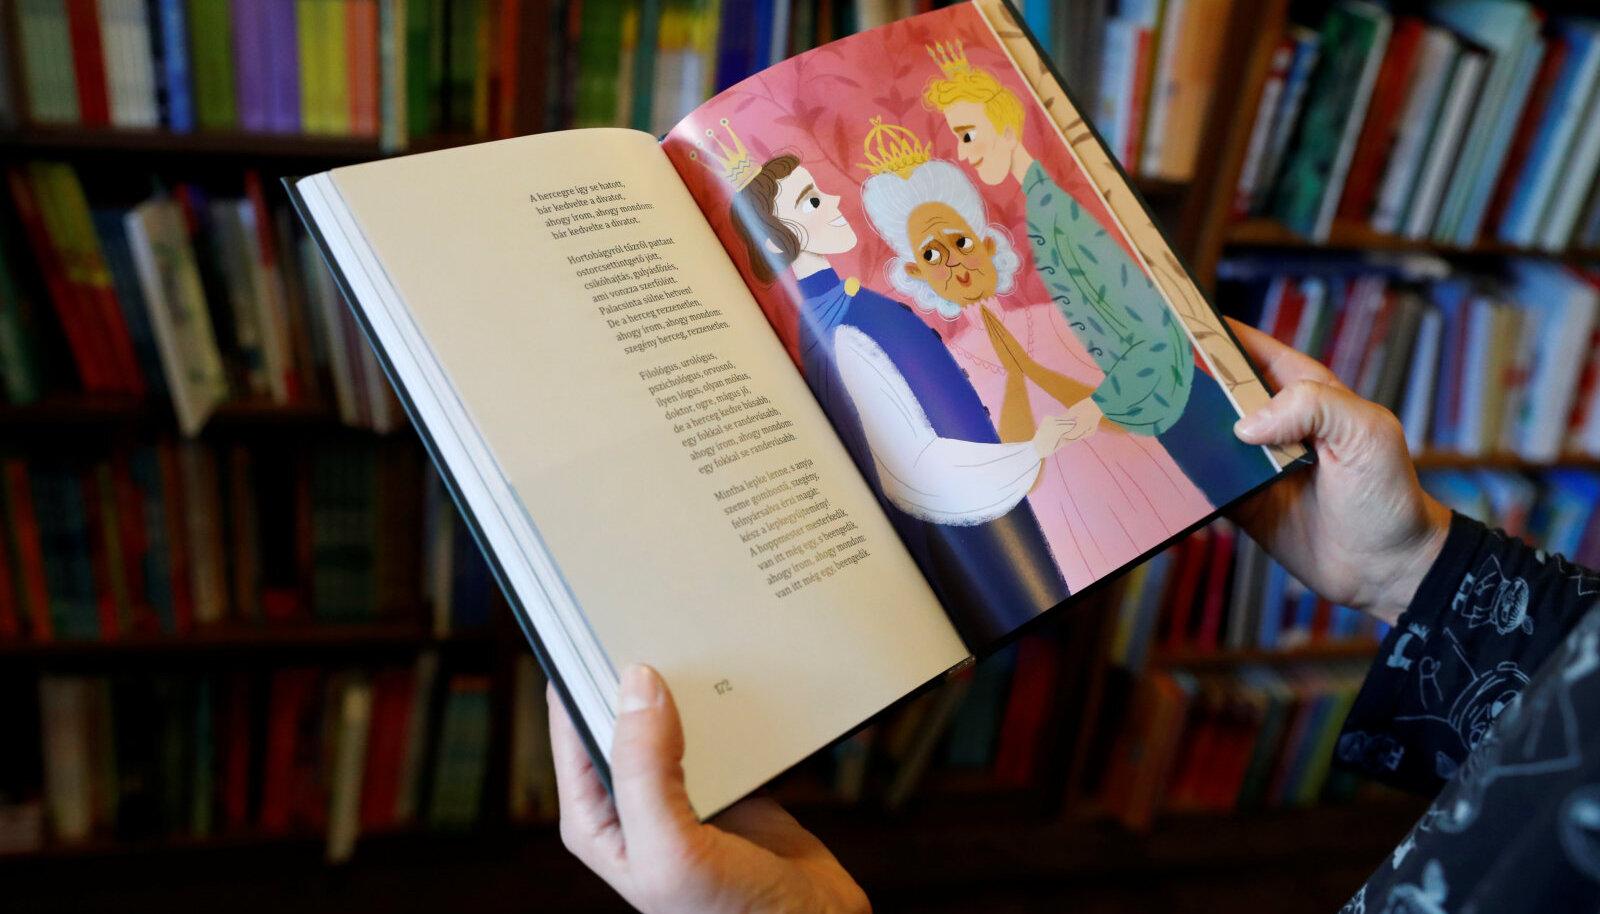 Fideszit pahandanud raamat Budapesti raamatupoes